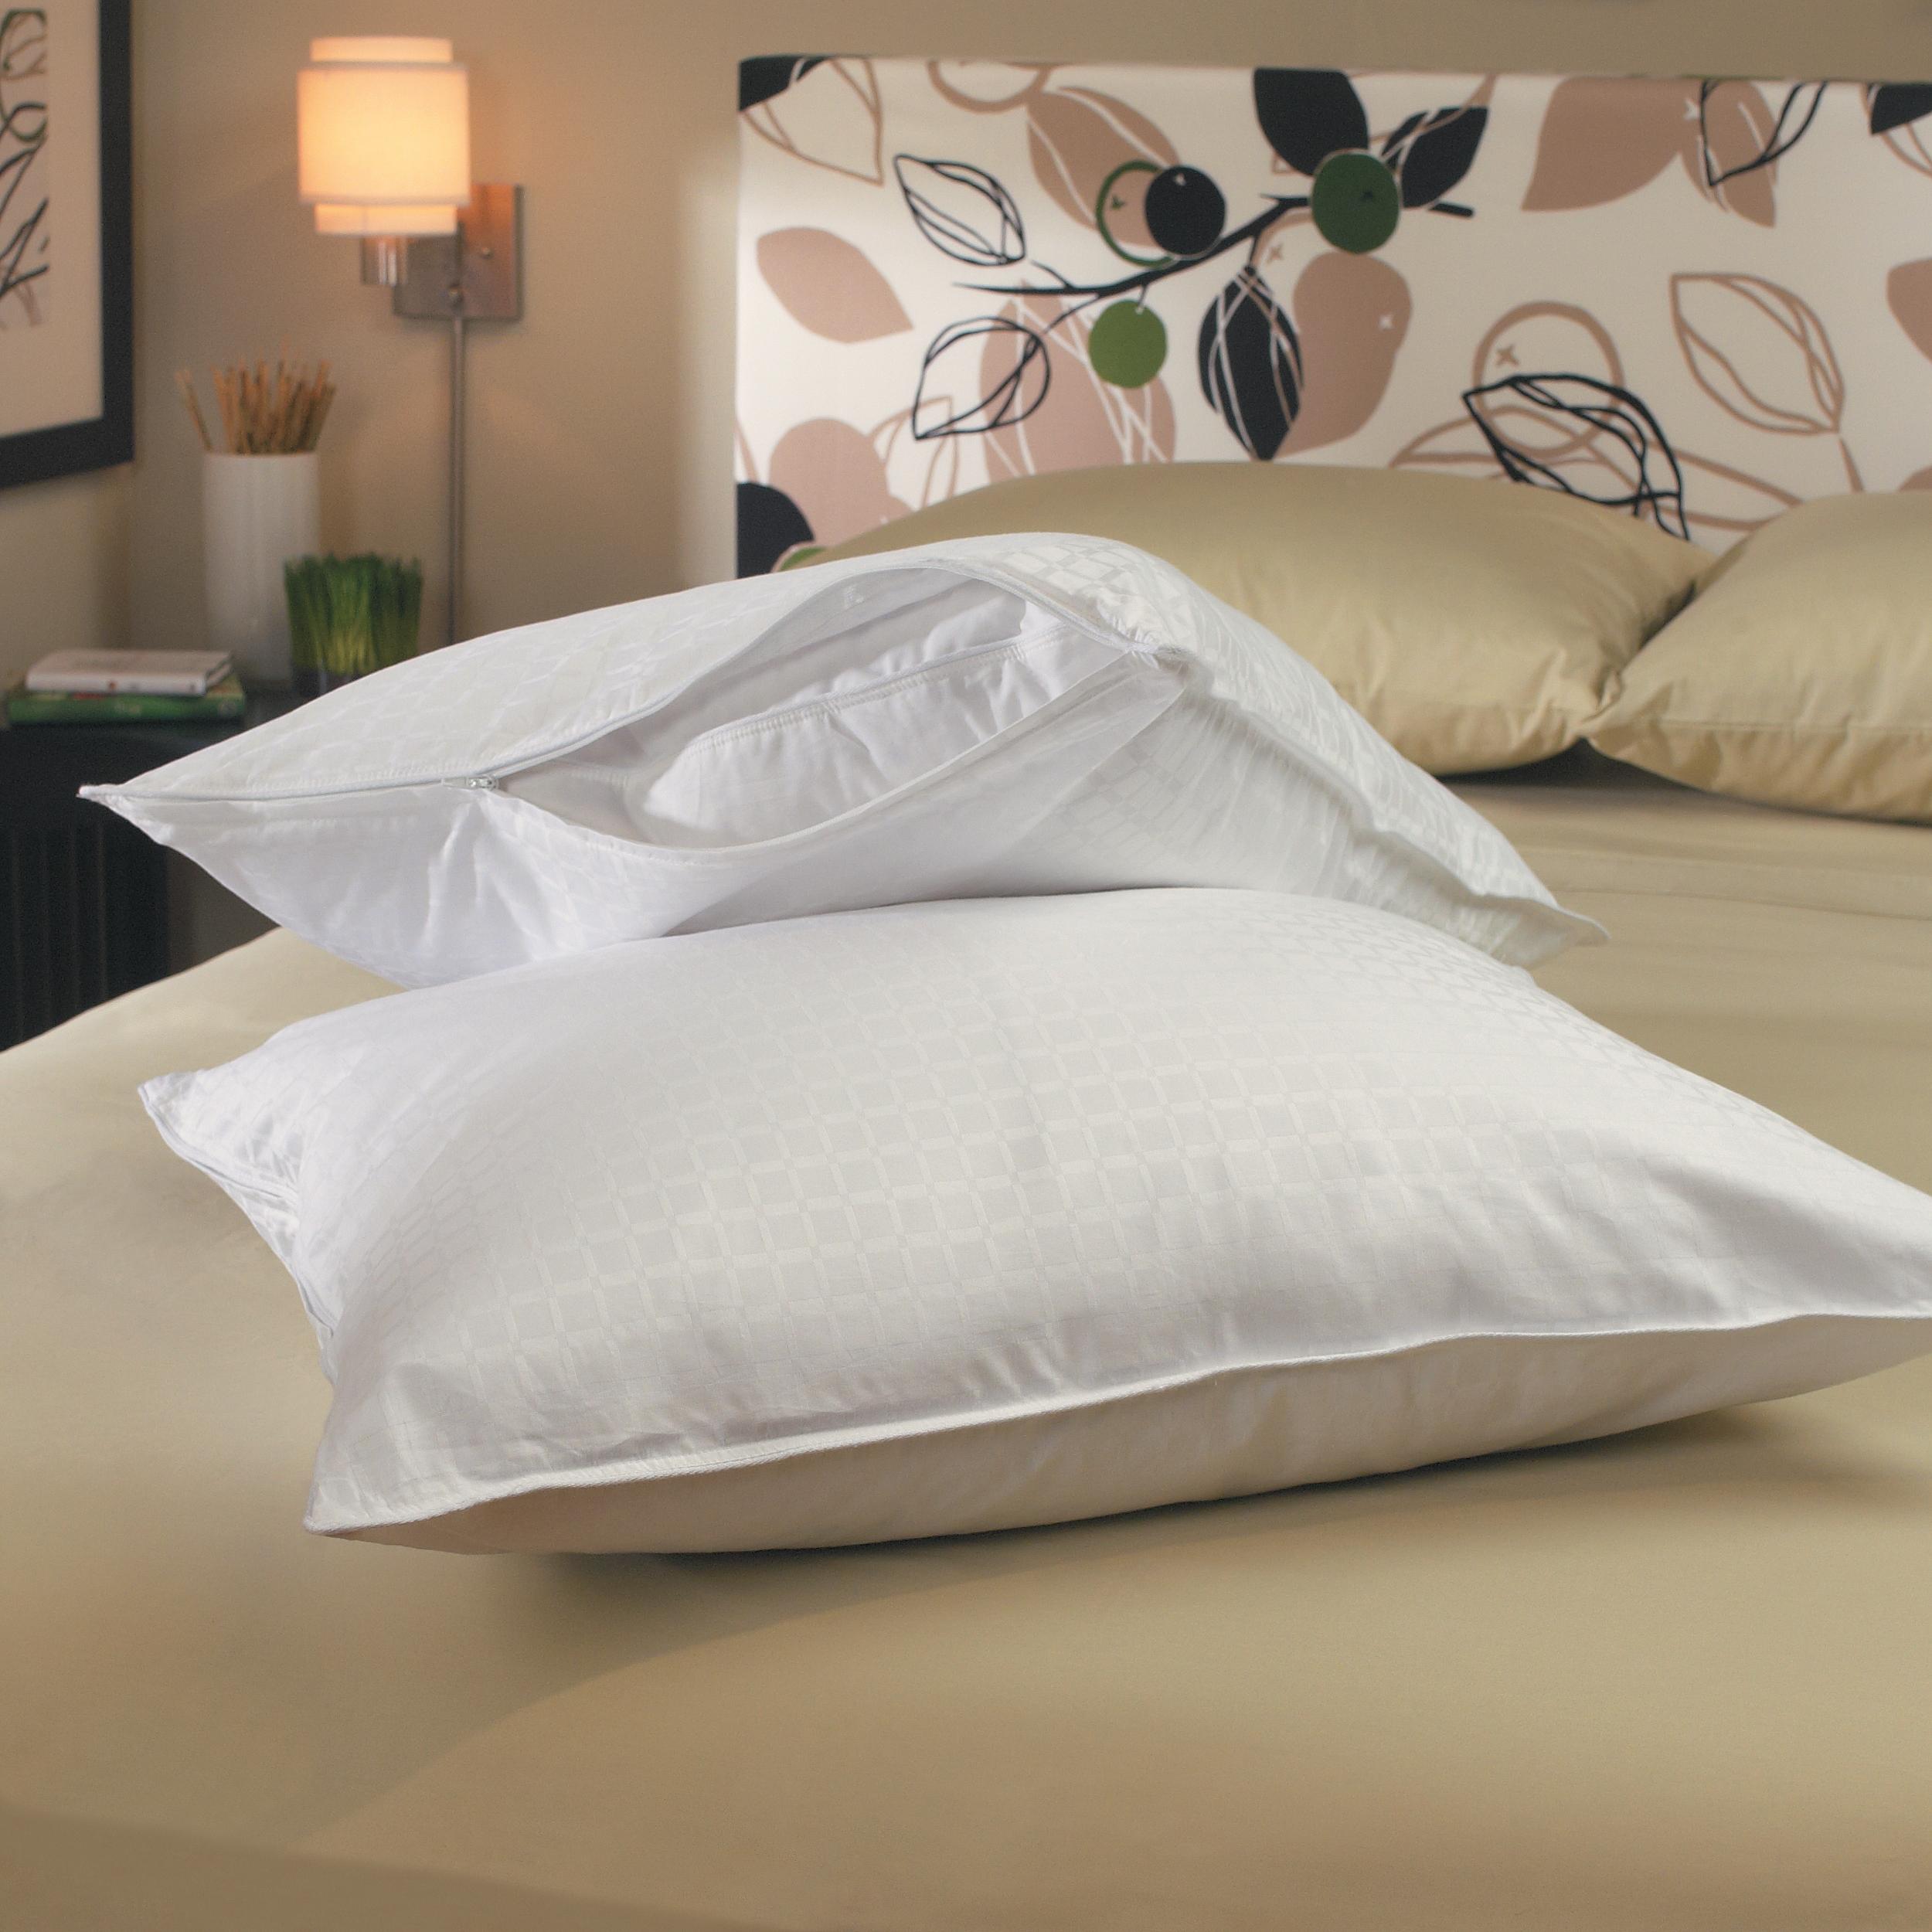 Aristocrat 305 Thread Count Zip Pillow Protectors (Set of 2)